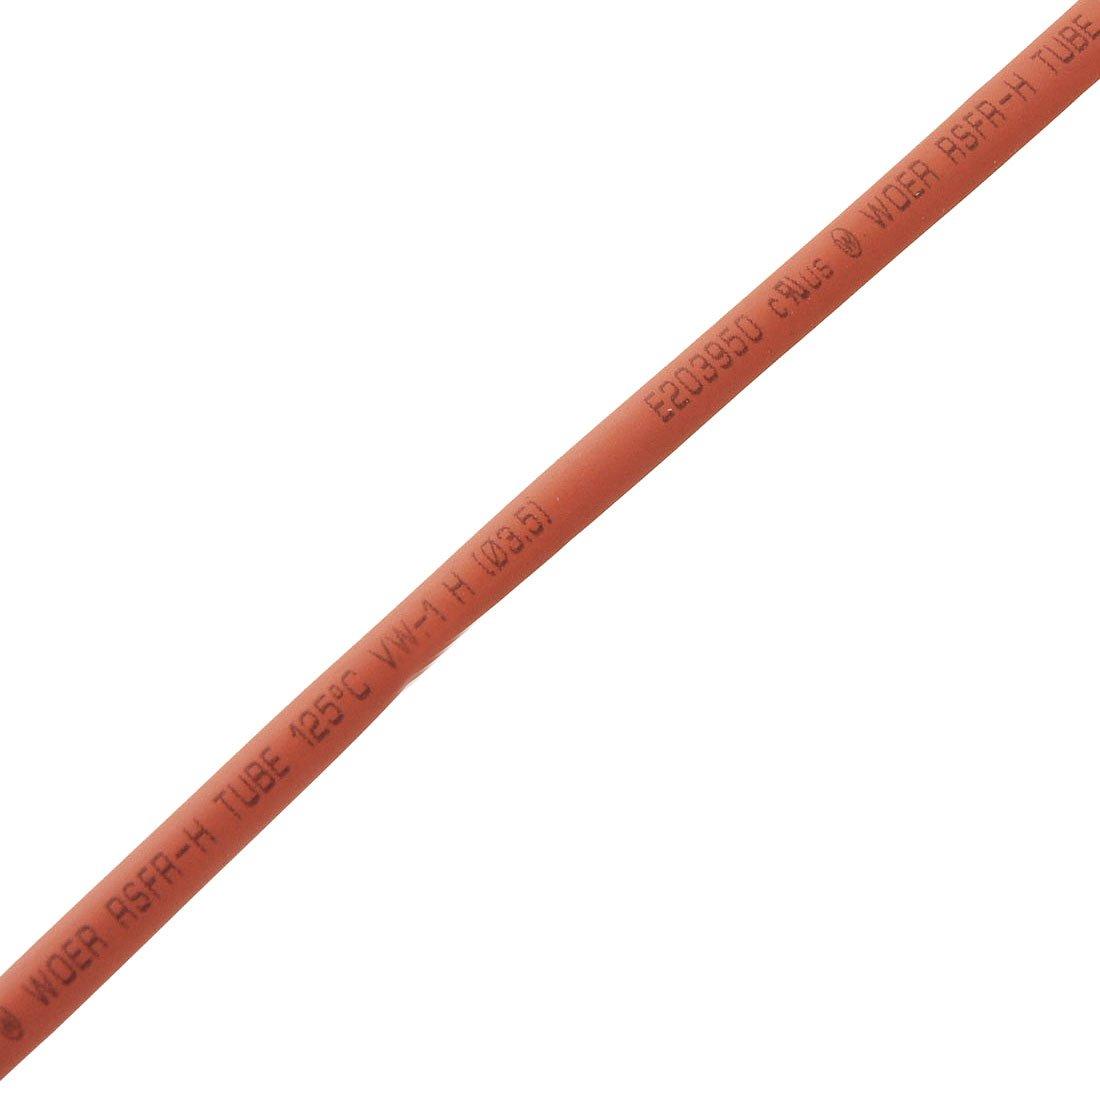 3.5mm Diameter Red Heat Shrinkable Tube Shrink Tubing 10 Meters Sourcingmap a12032000ux0398